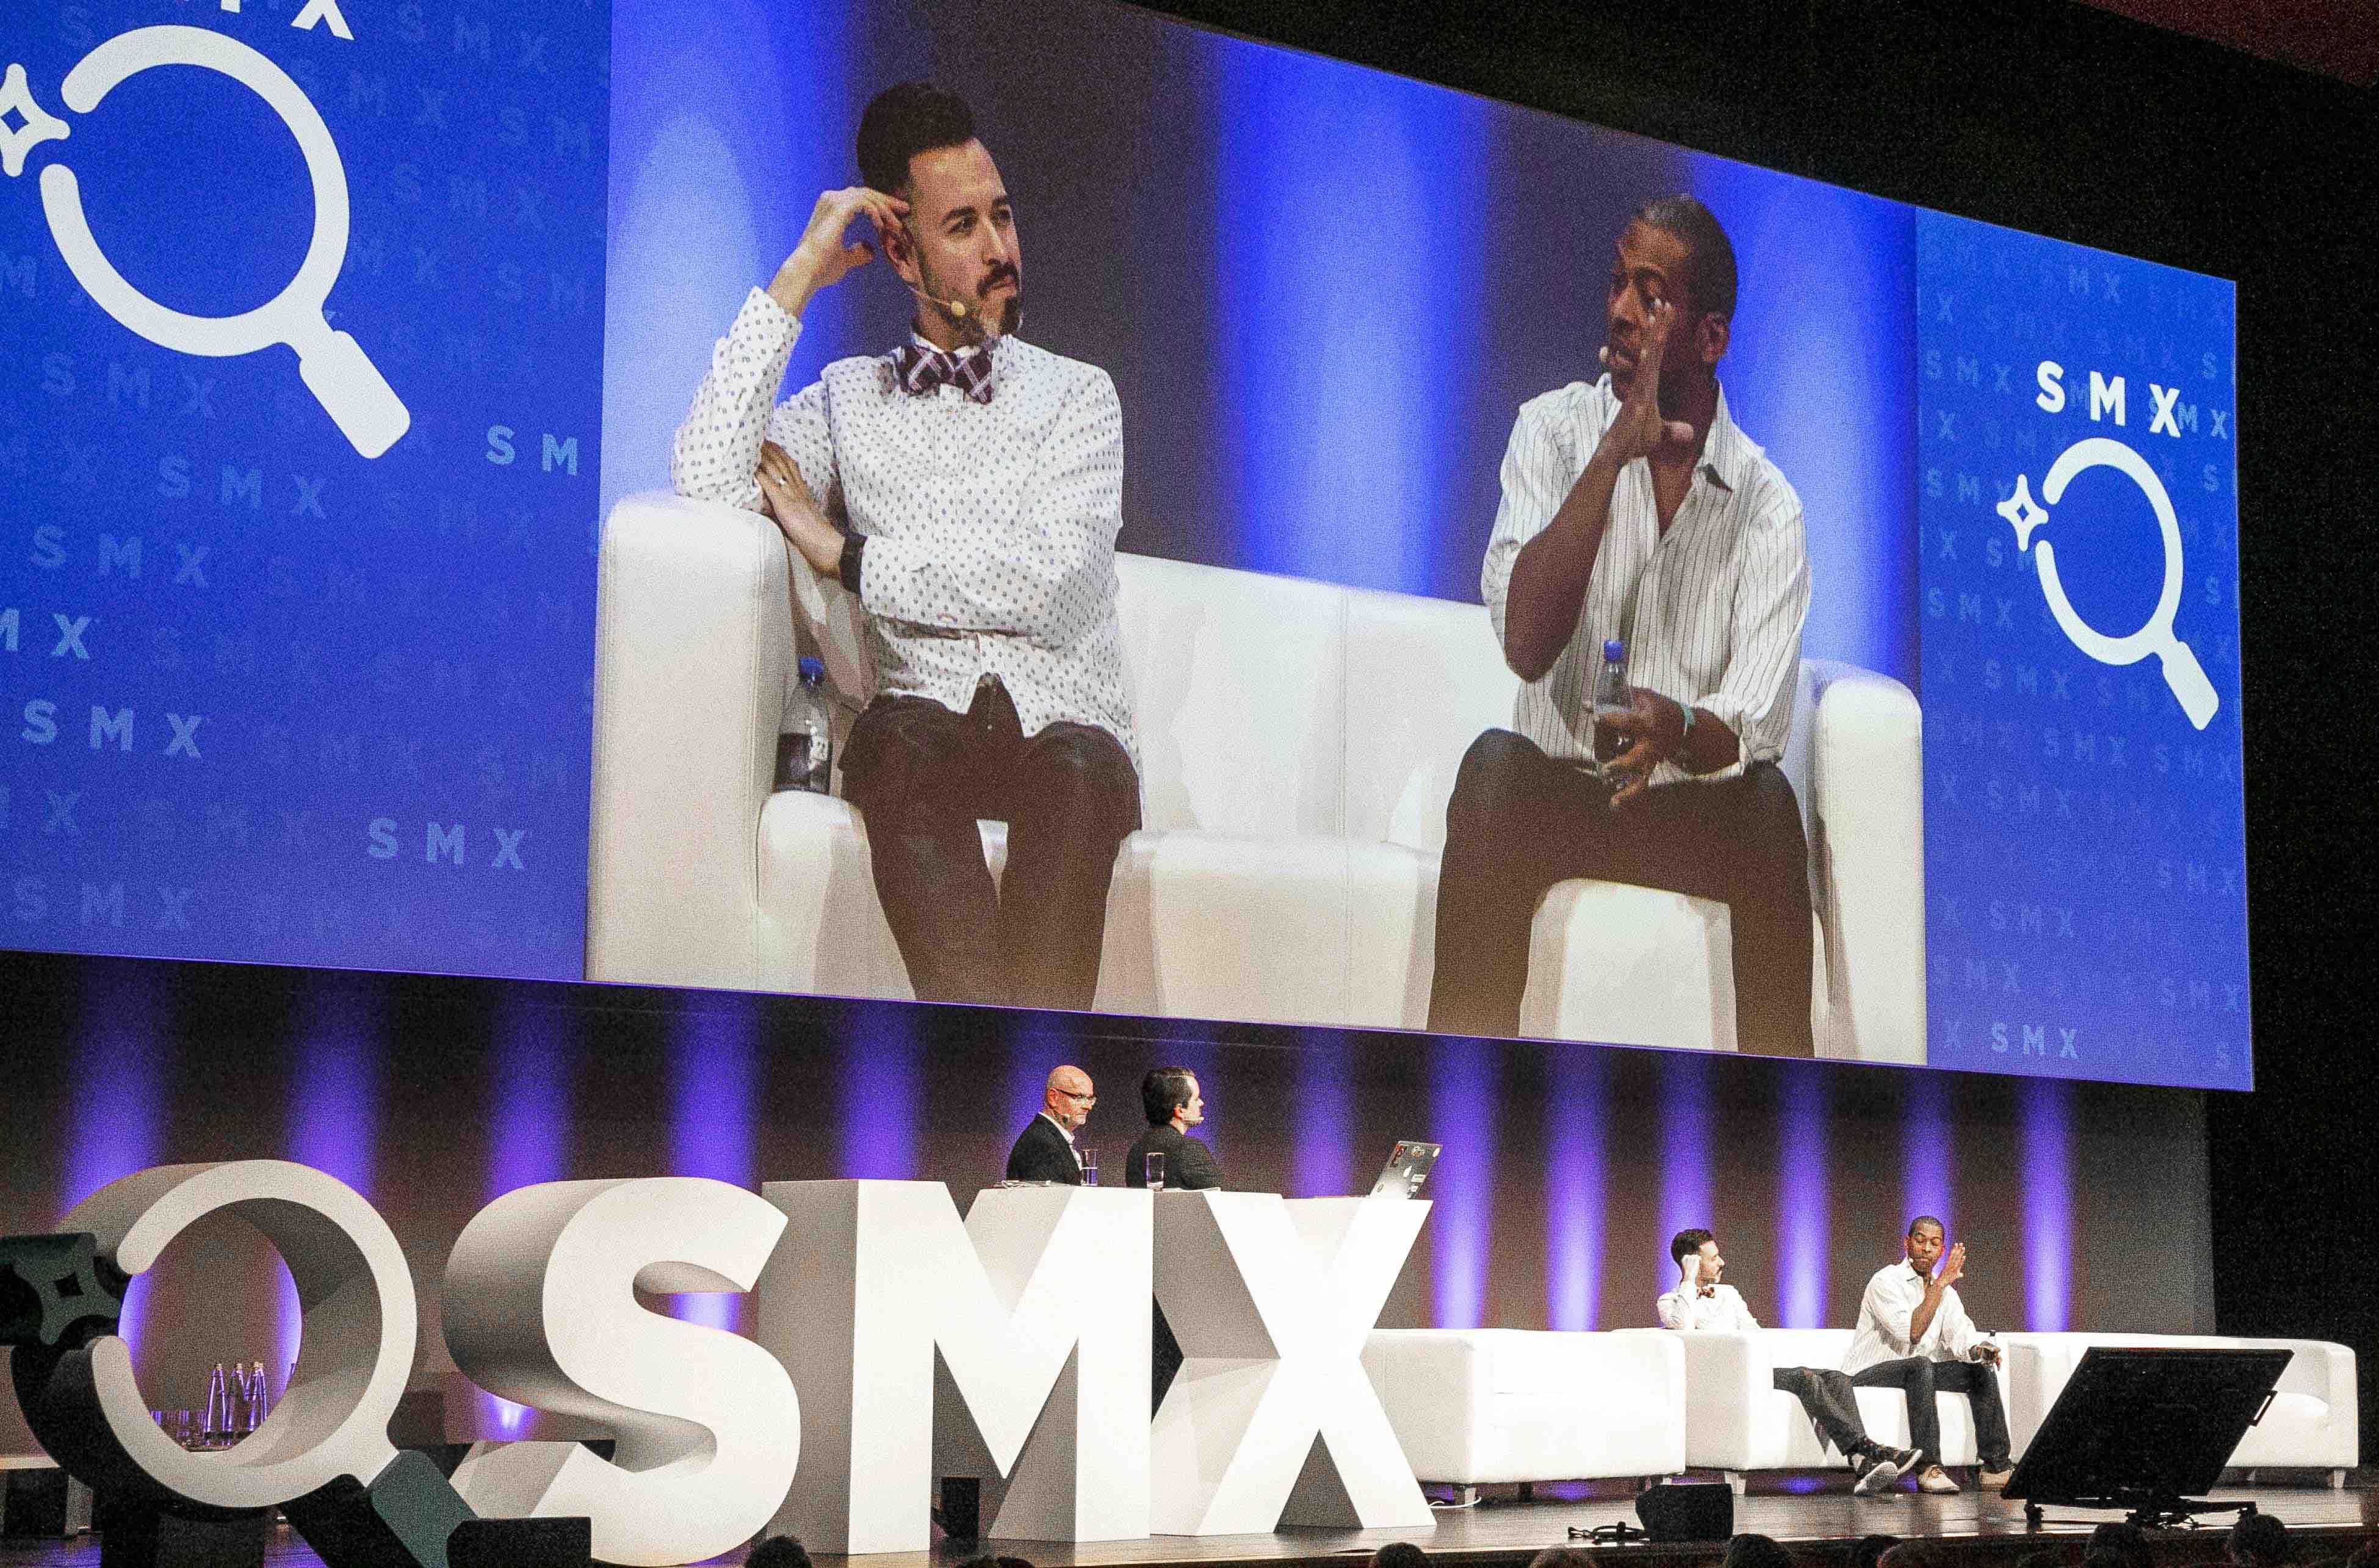 SMX Insights aus jahrelanger Erfahrung